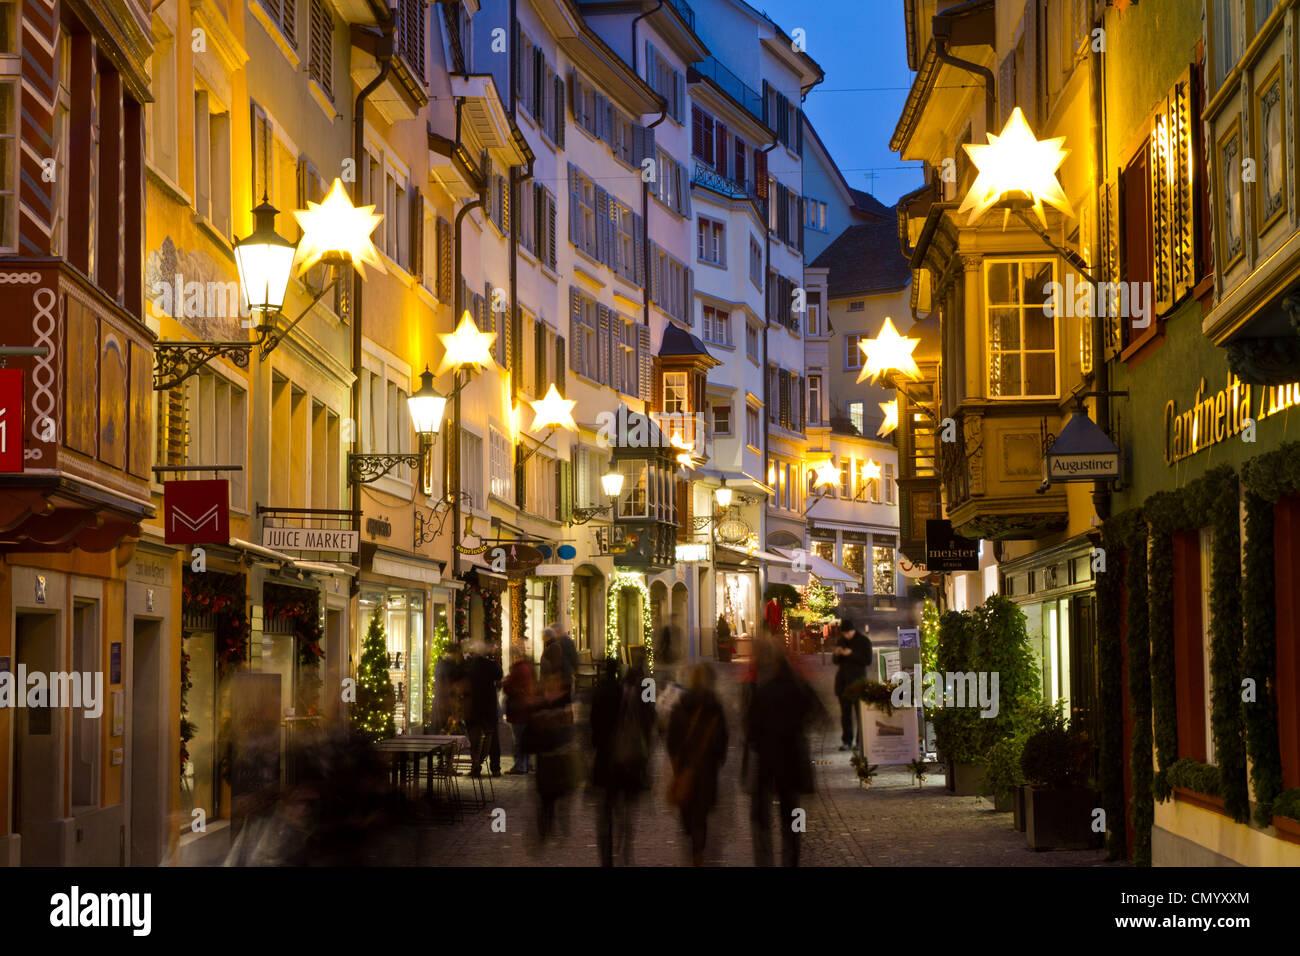 Augistinergasse, Weihnachtsbeleuchtung, Altstadt, Zürich, Schweiz Stockbild